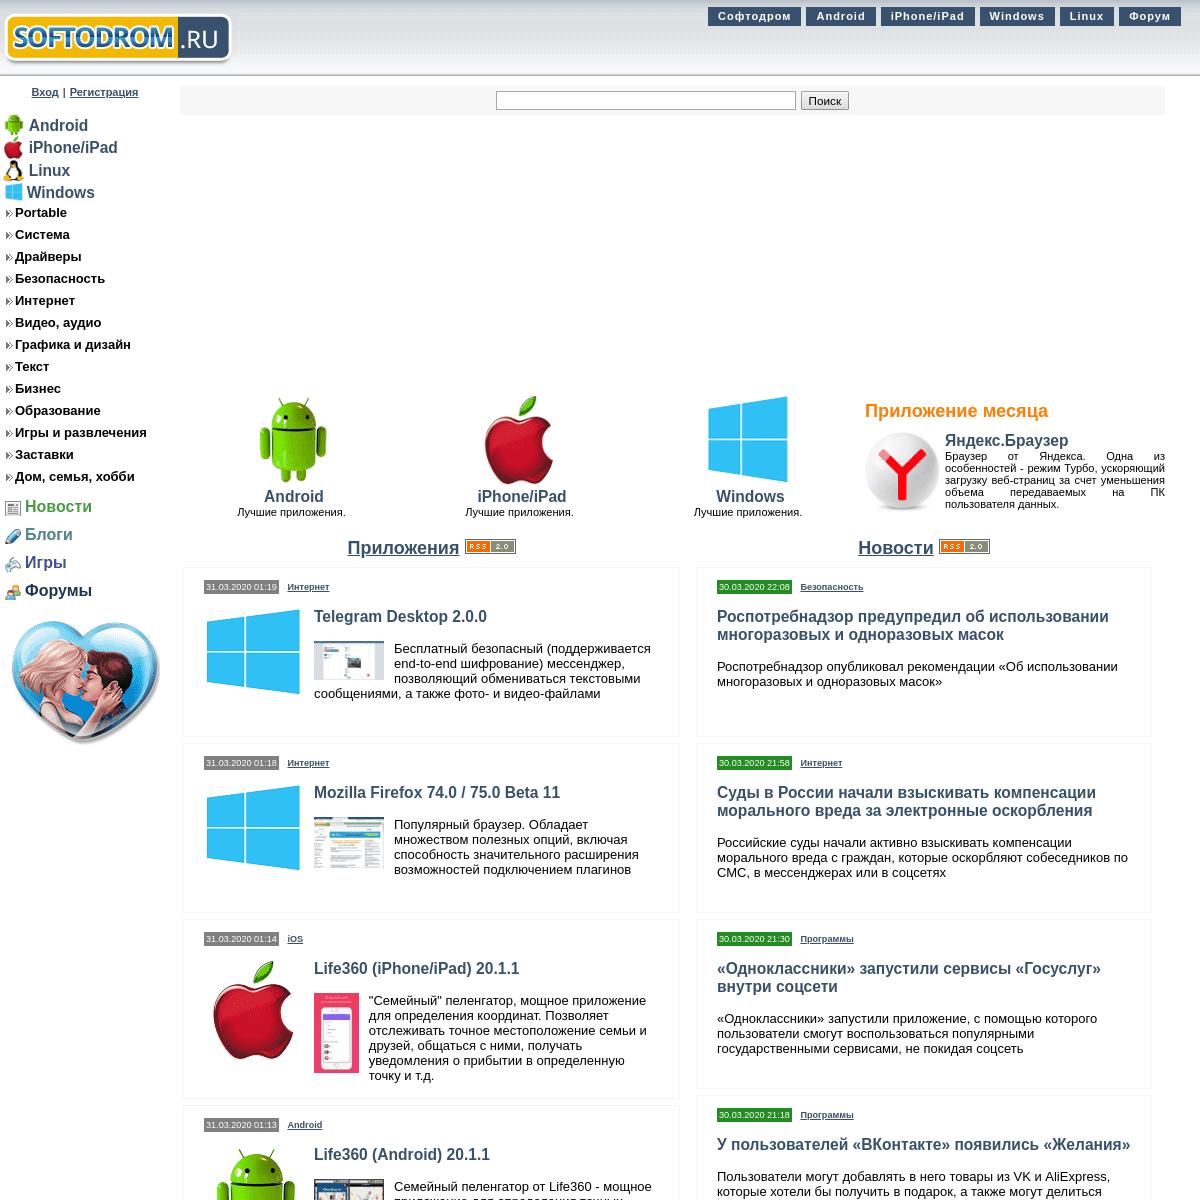 Софтодром. Скачать приложения для Windows, Linux, Android и iOS (iPhone-iPad).